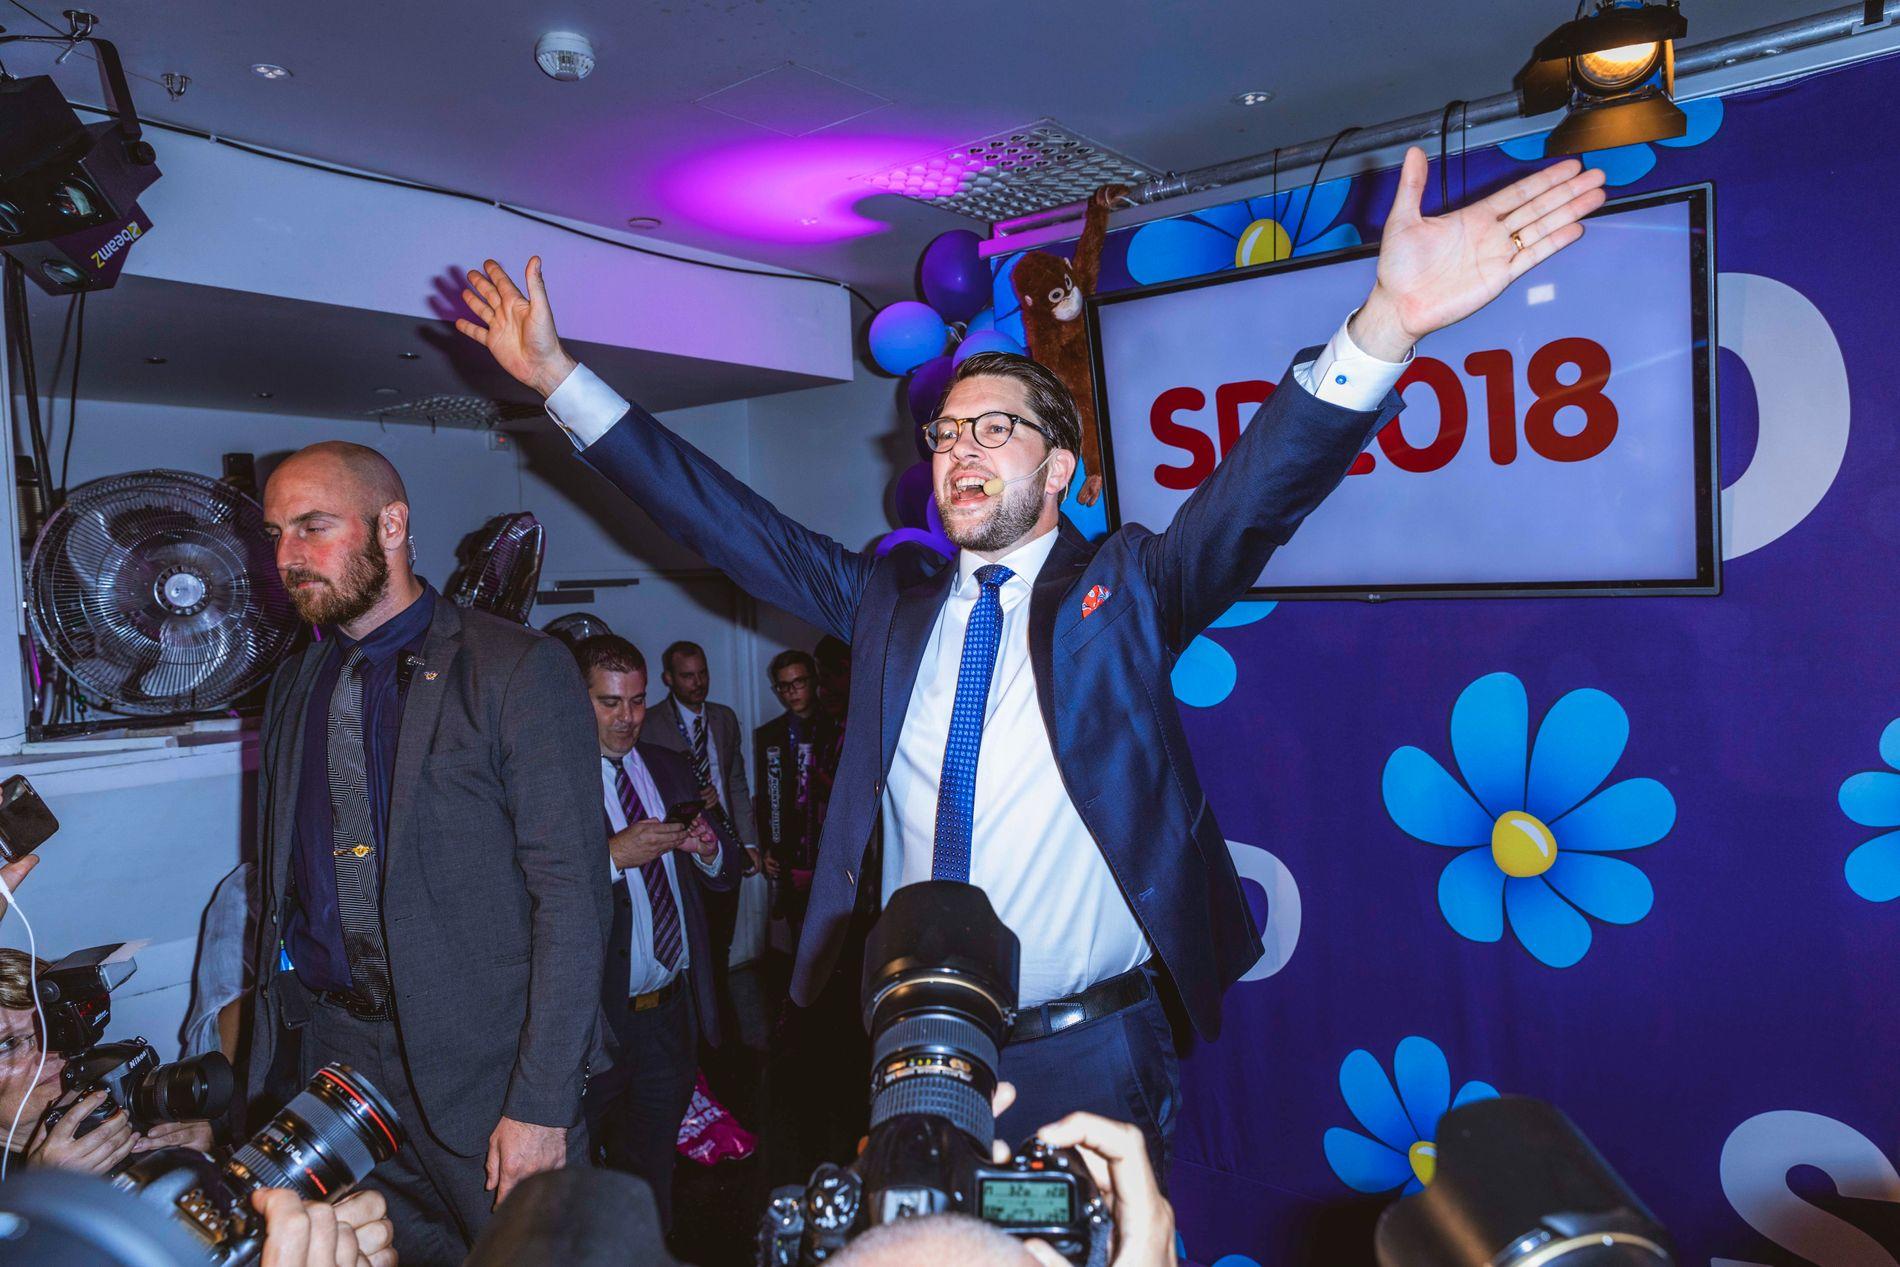 EKSTRA MANDAT: Jimmie Åkesson og Sverigedemokraterna kan juble over å ha fått et ekstra mandat i Riksdagen, etter en telletabbe på valgnatten.